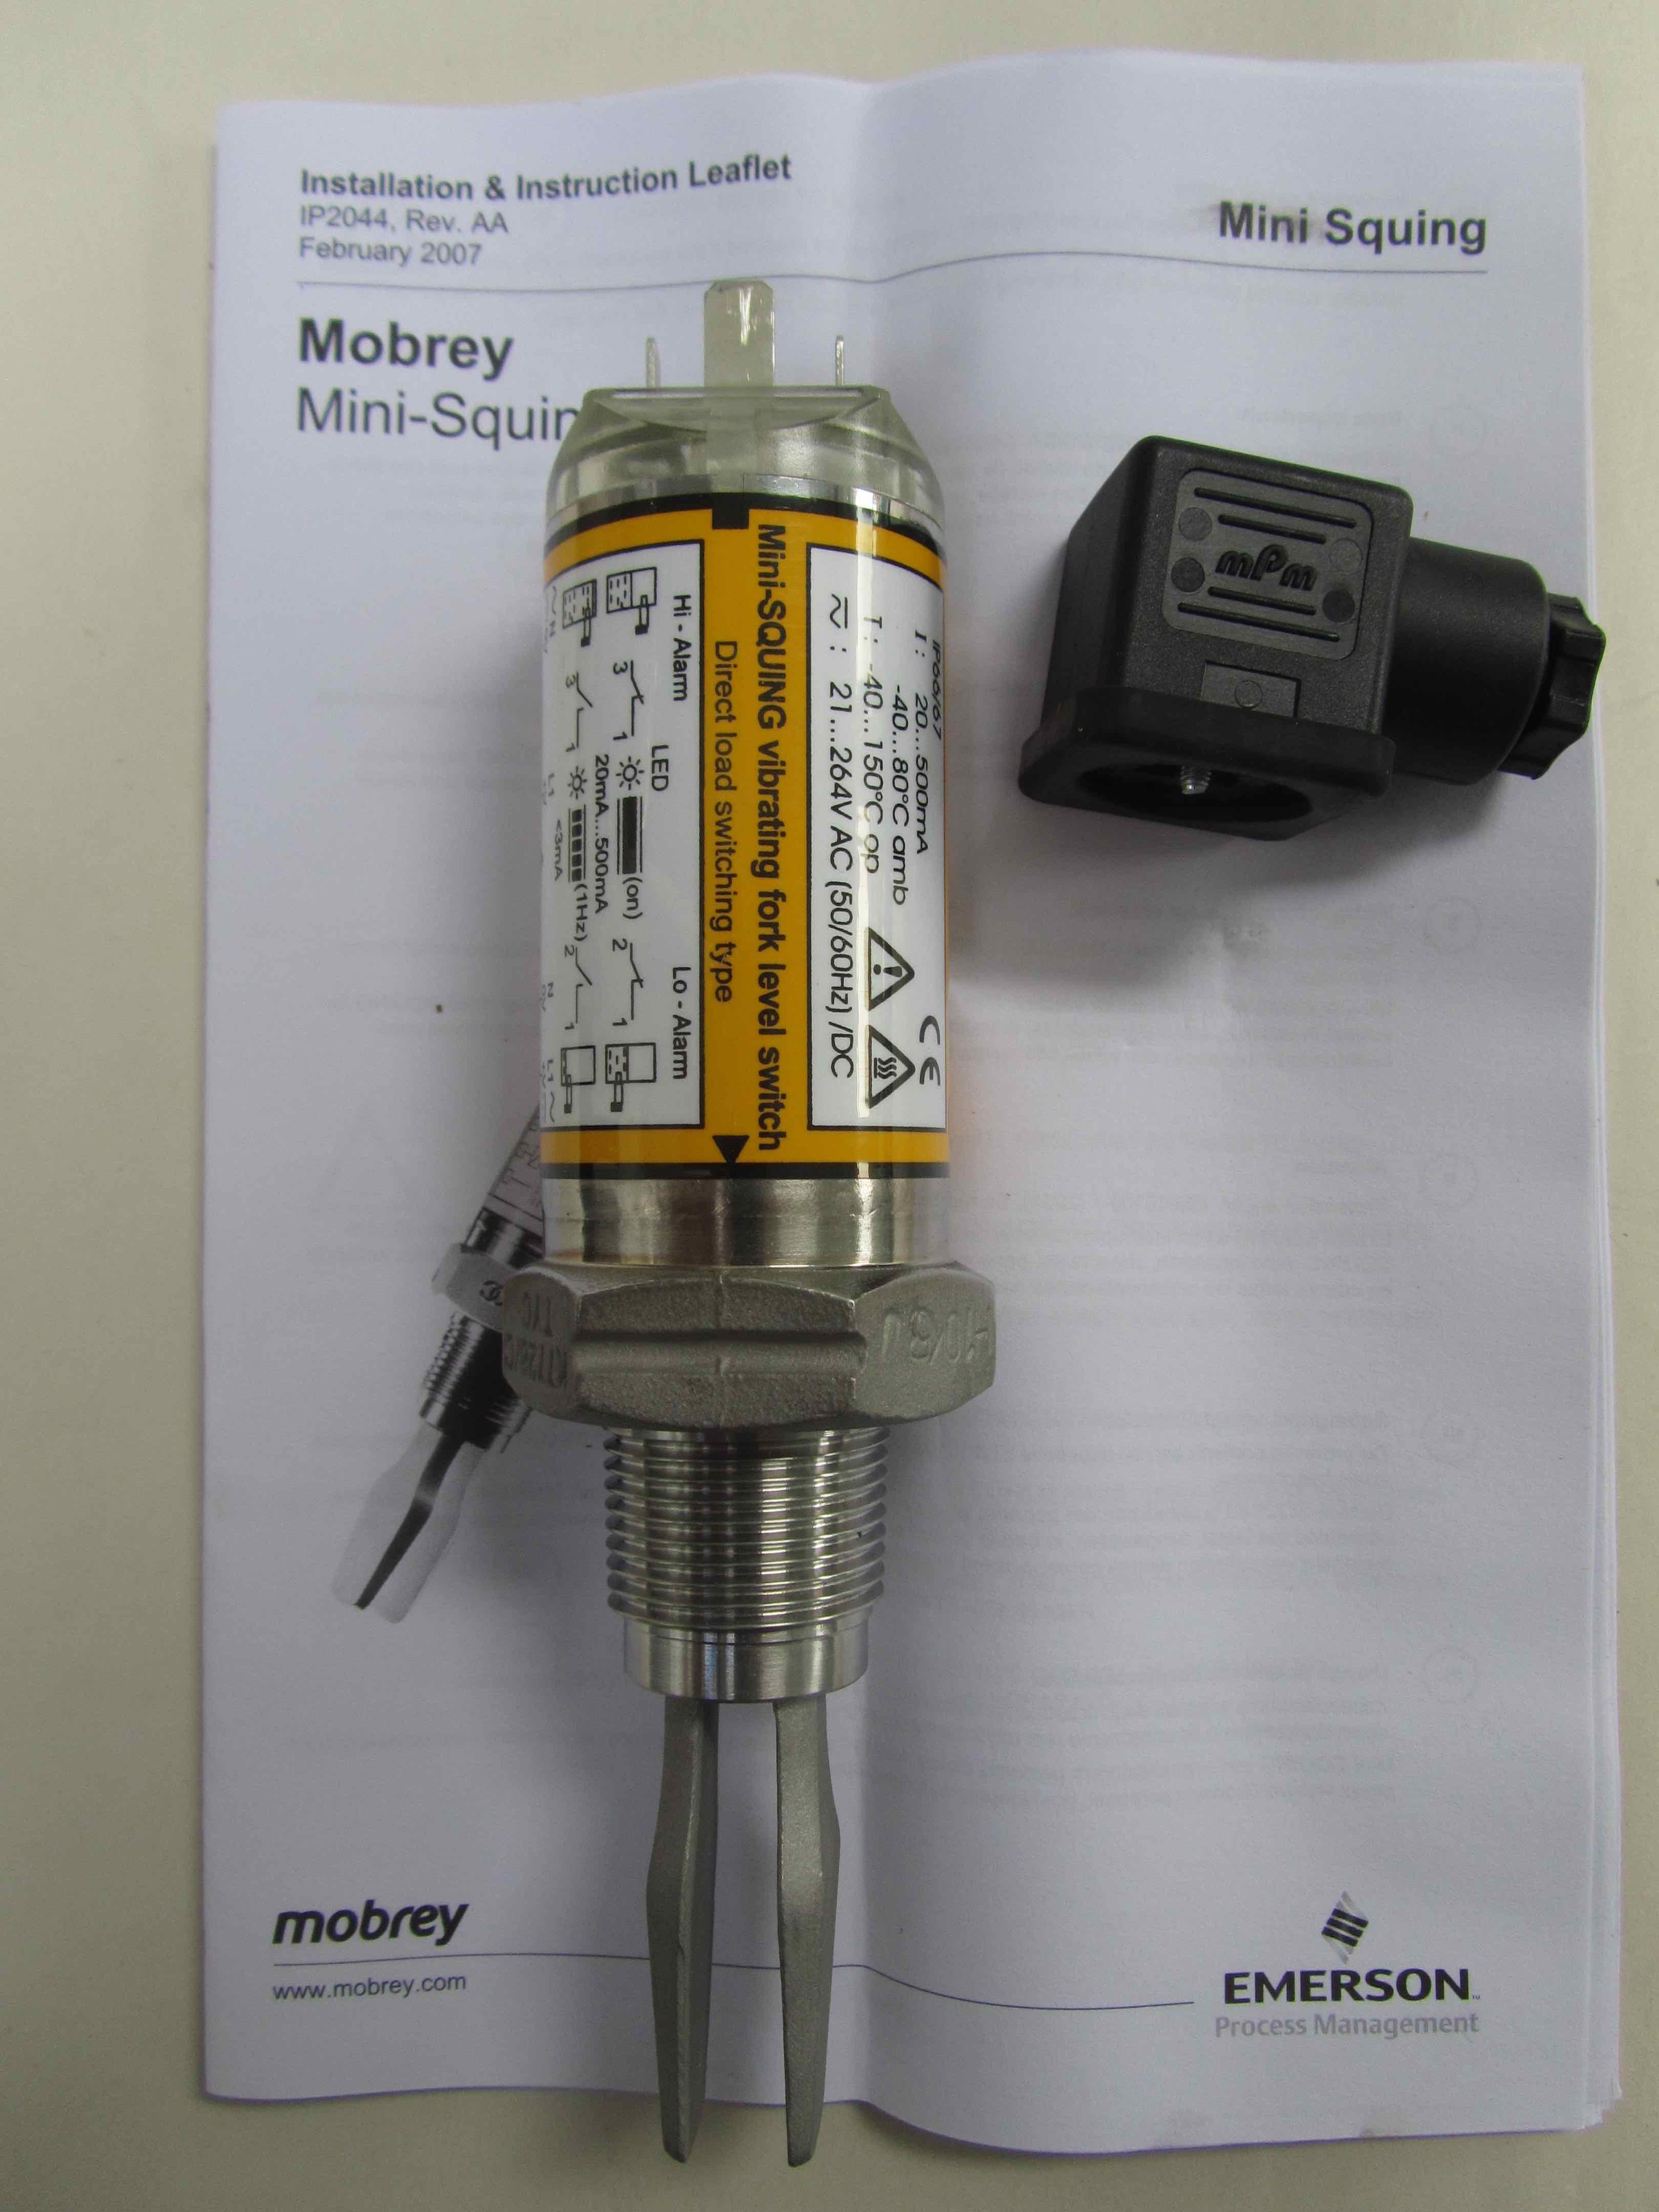 Mobrey VT00 Mini Squing